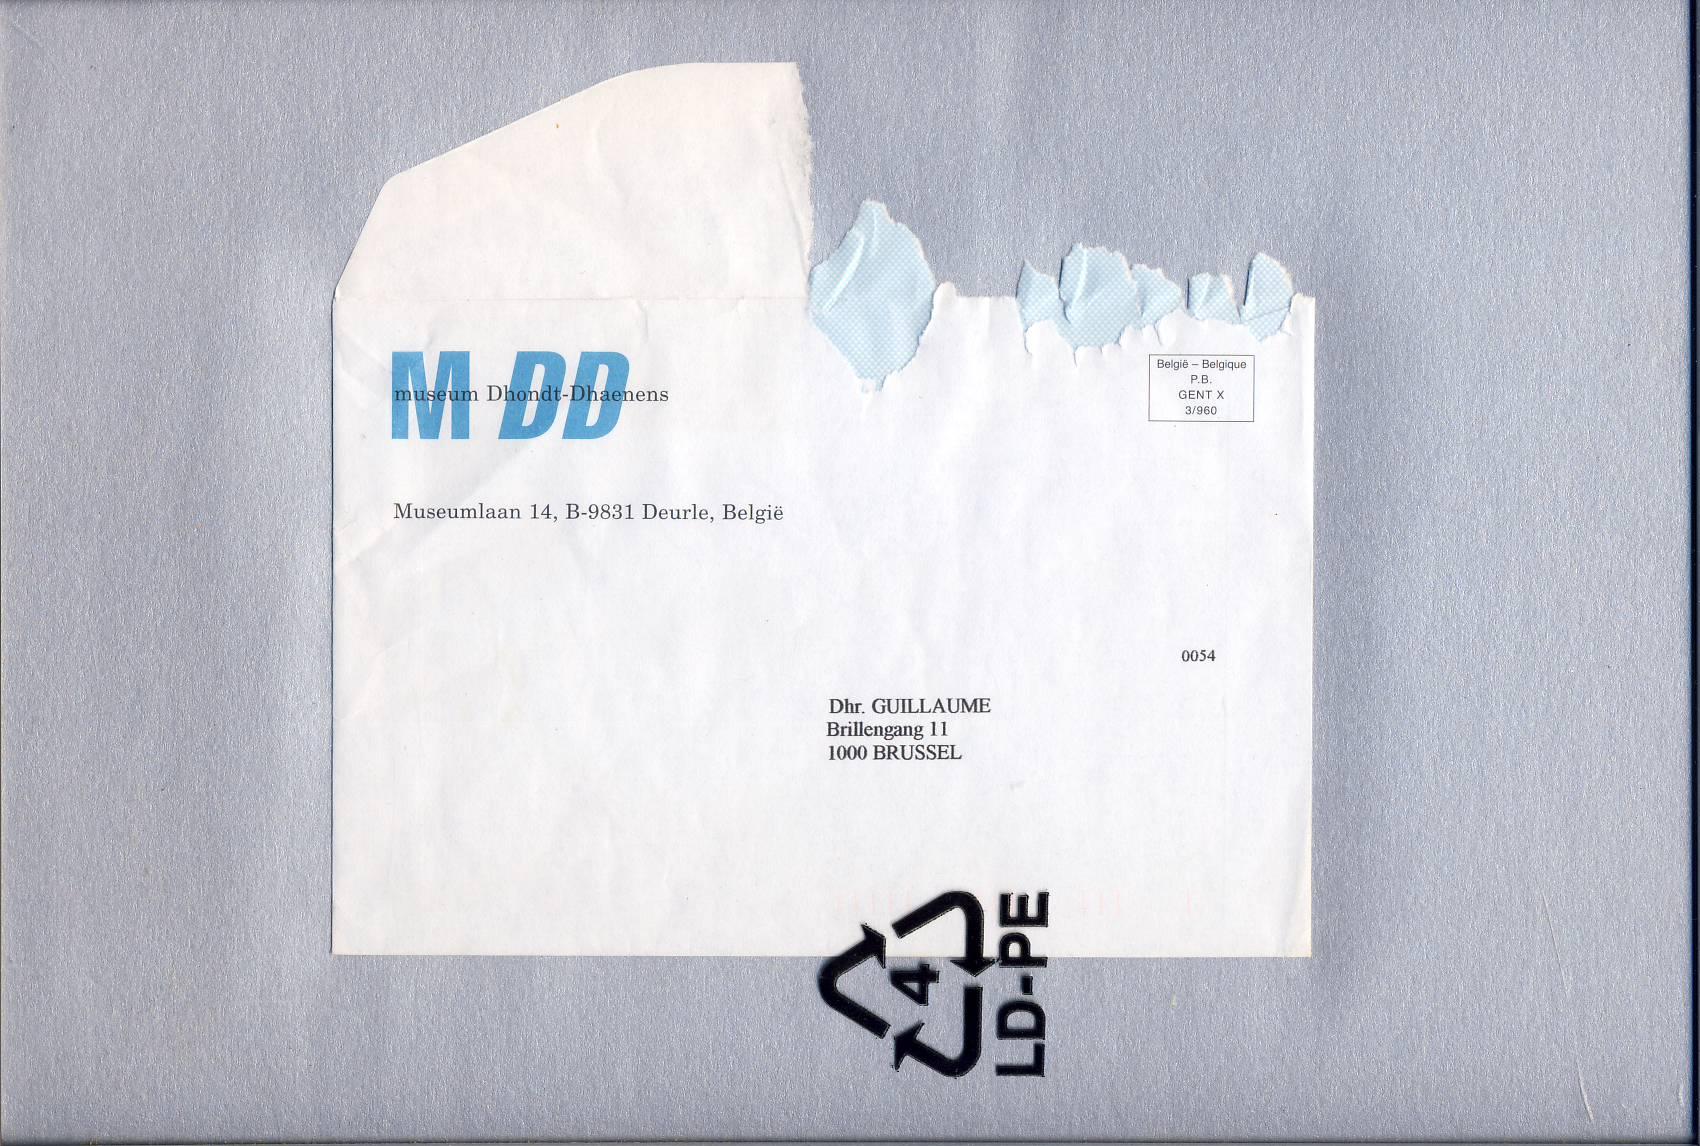 envelop-dhondt-dhaenens